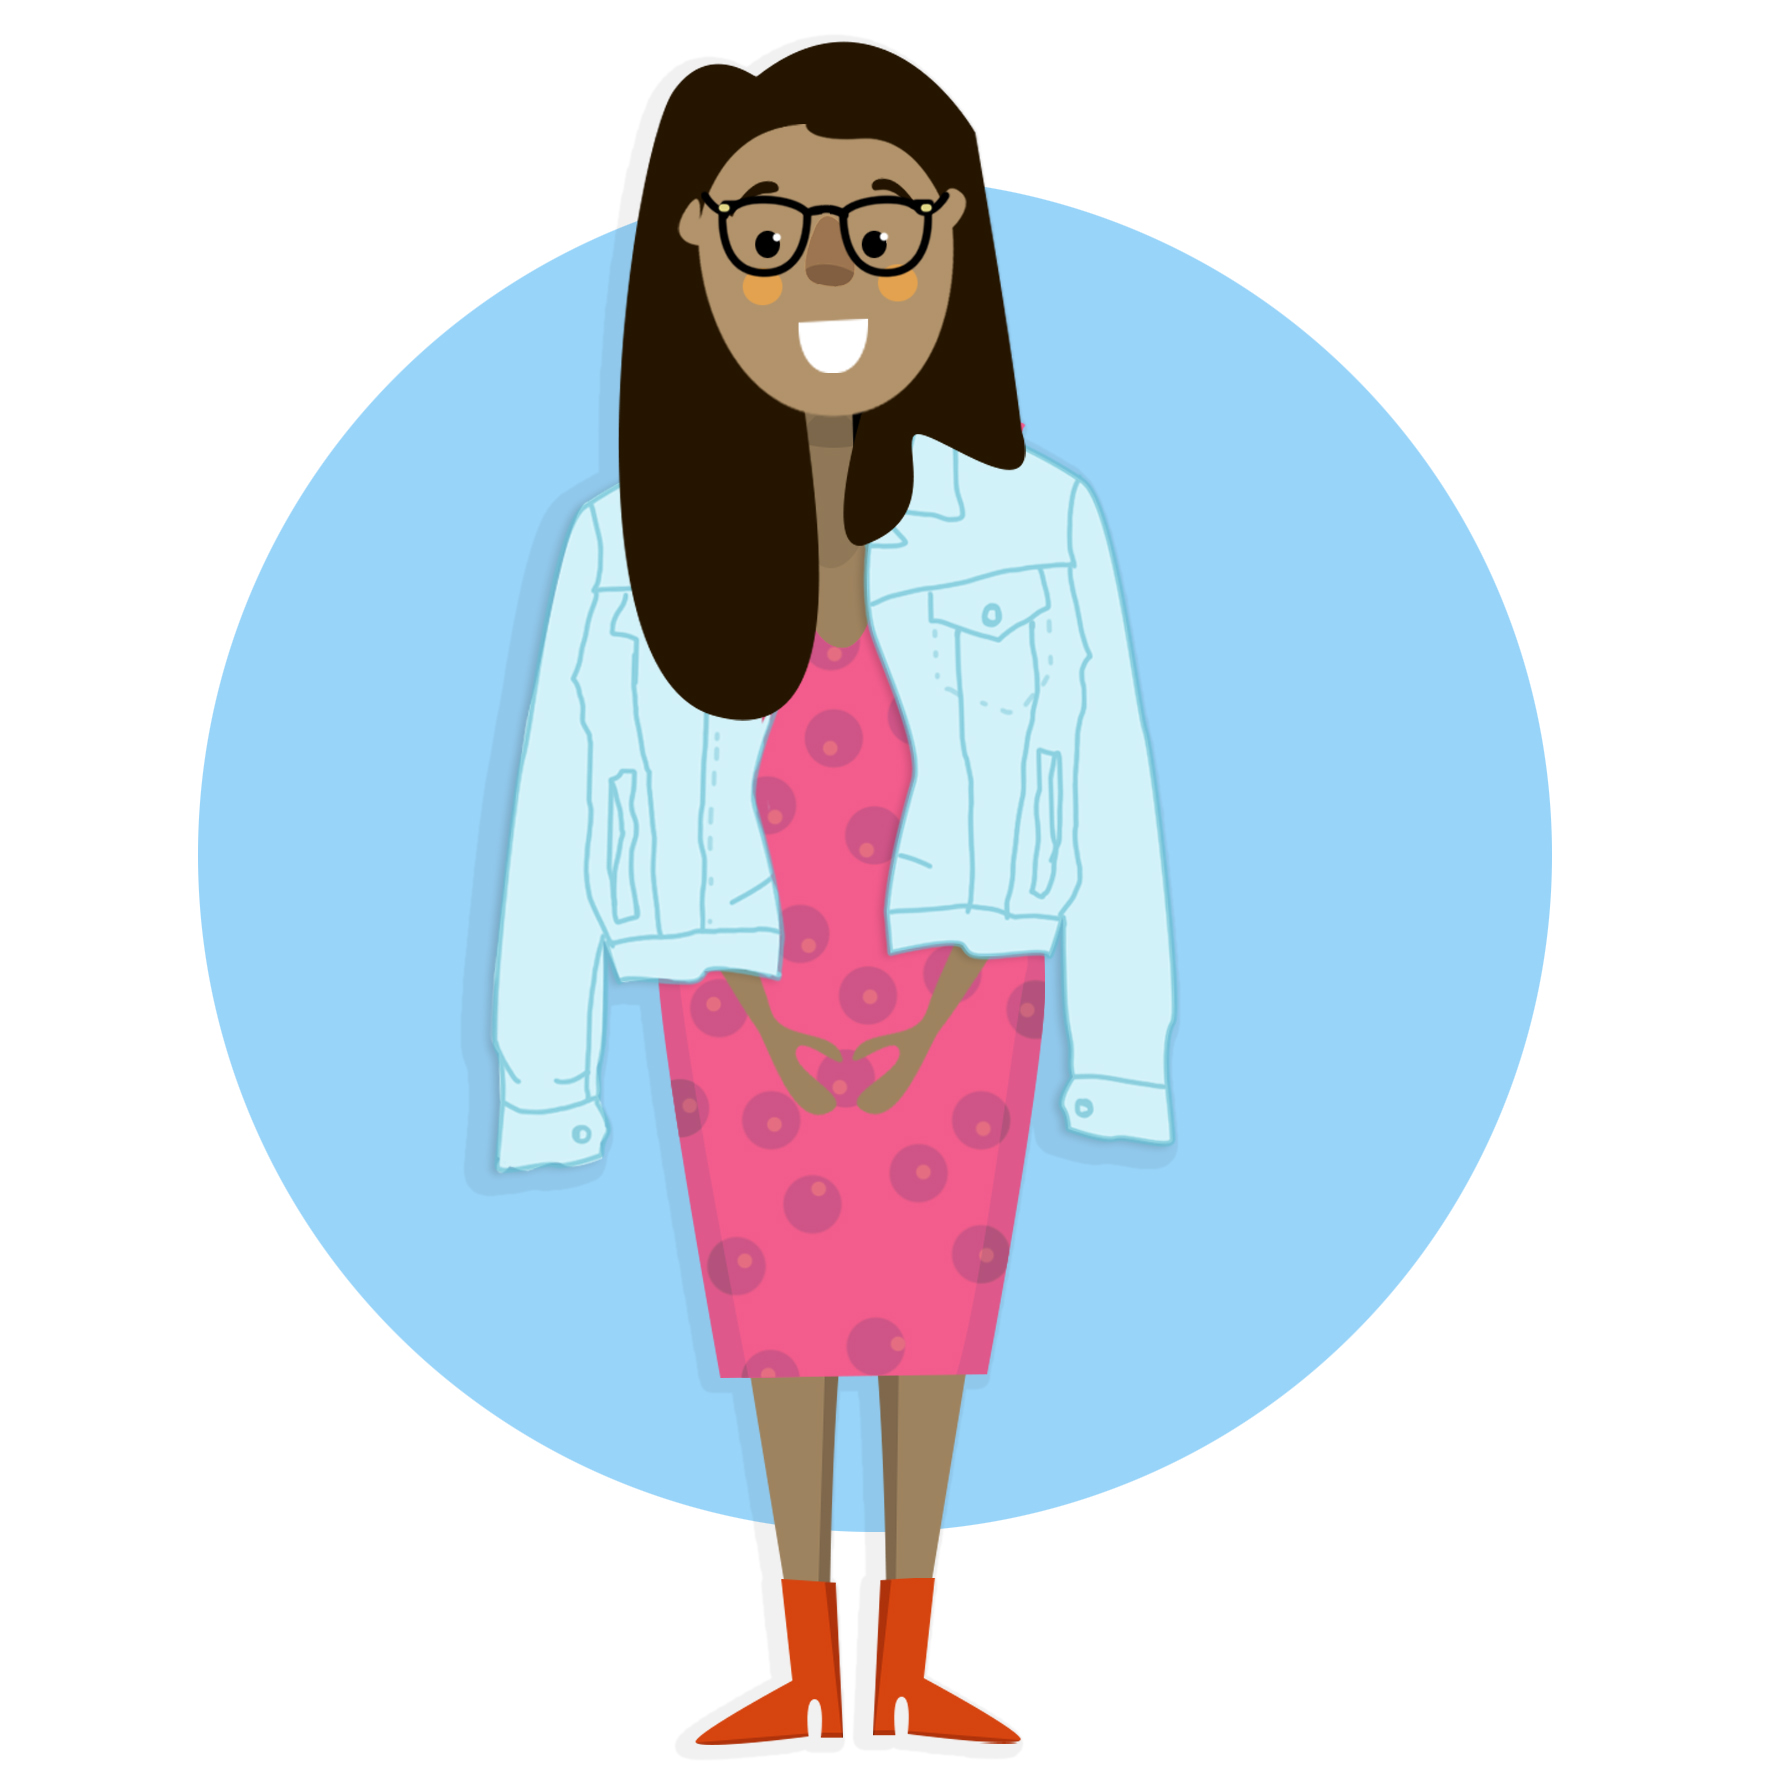 Ilustración de Gauthami, quien usa lentes y tiene piel oscura.